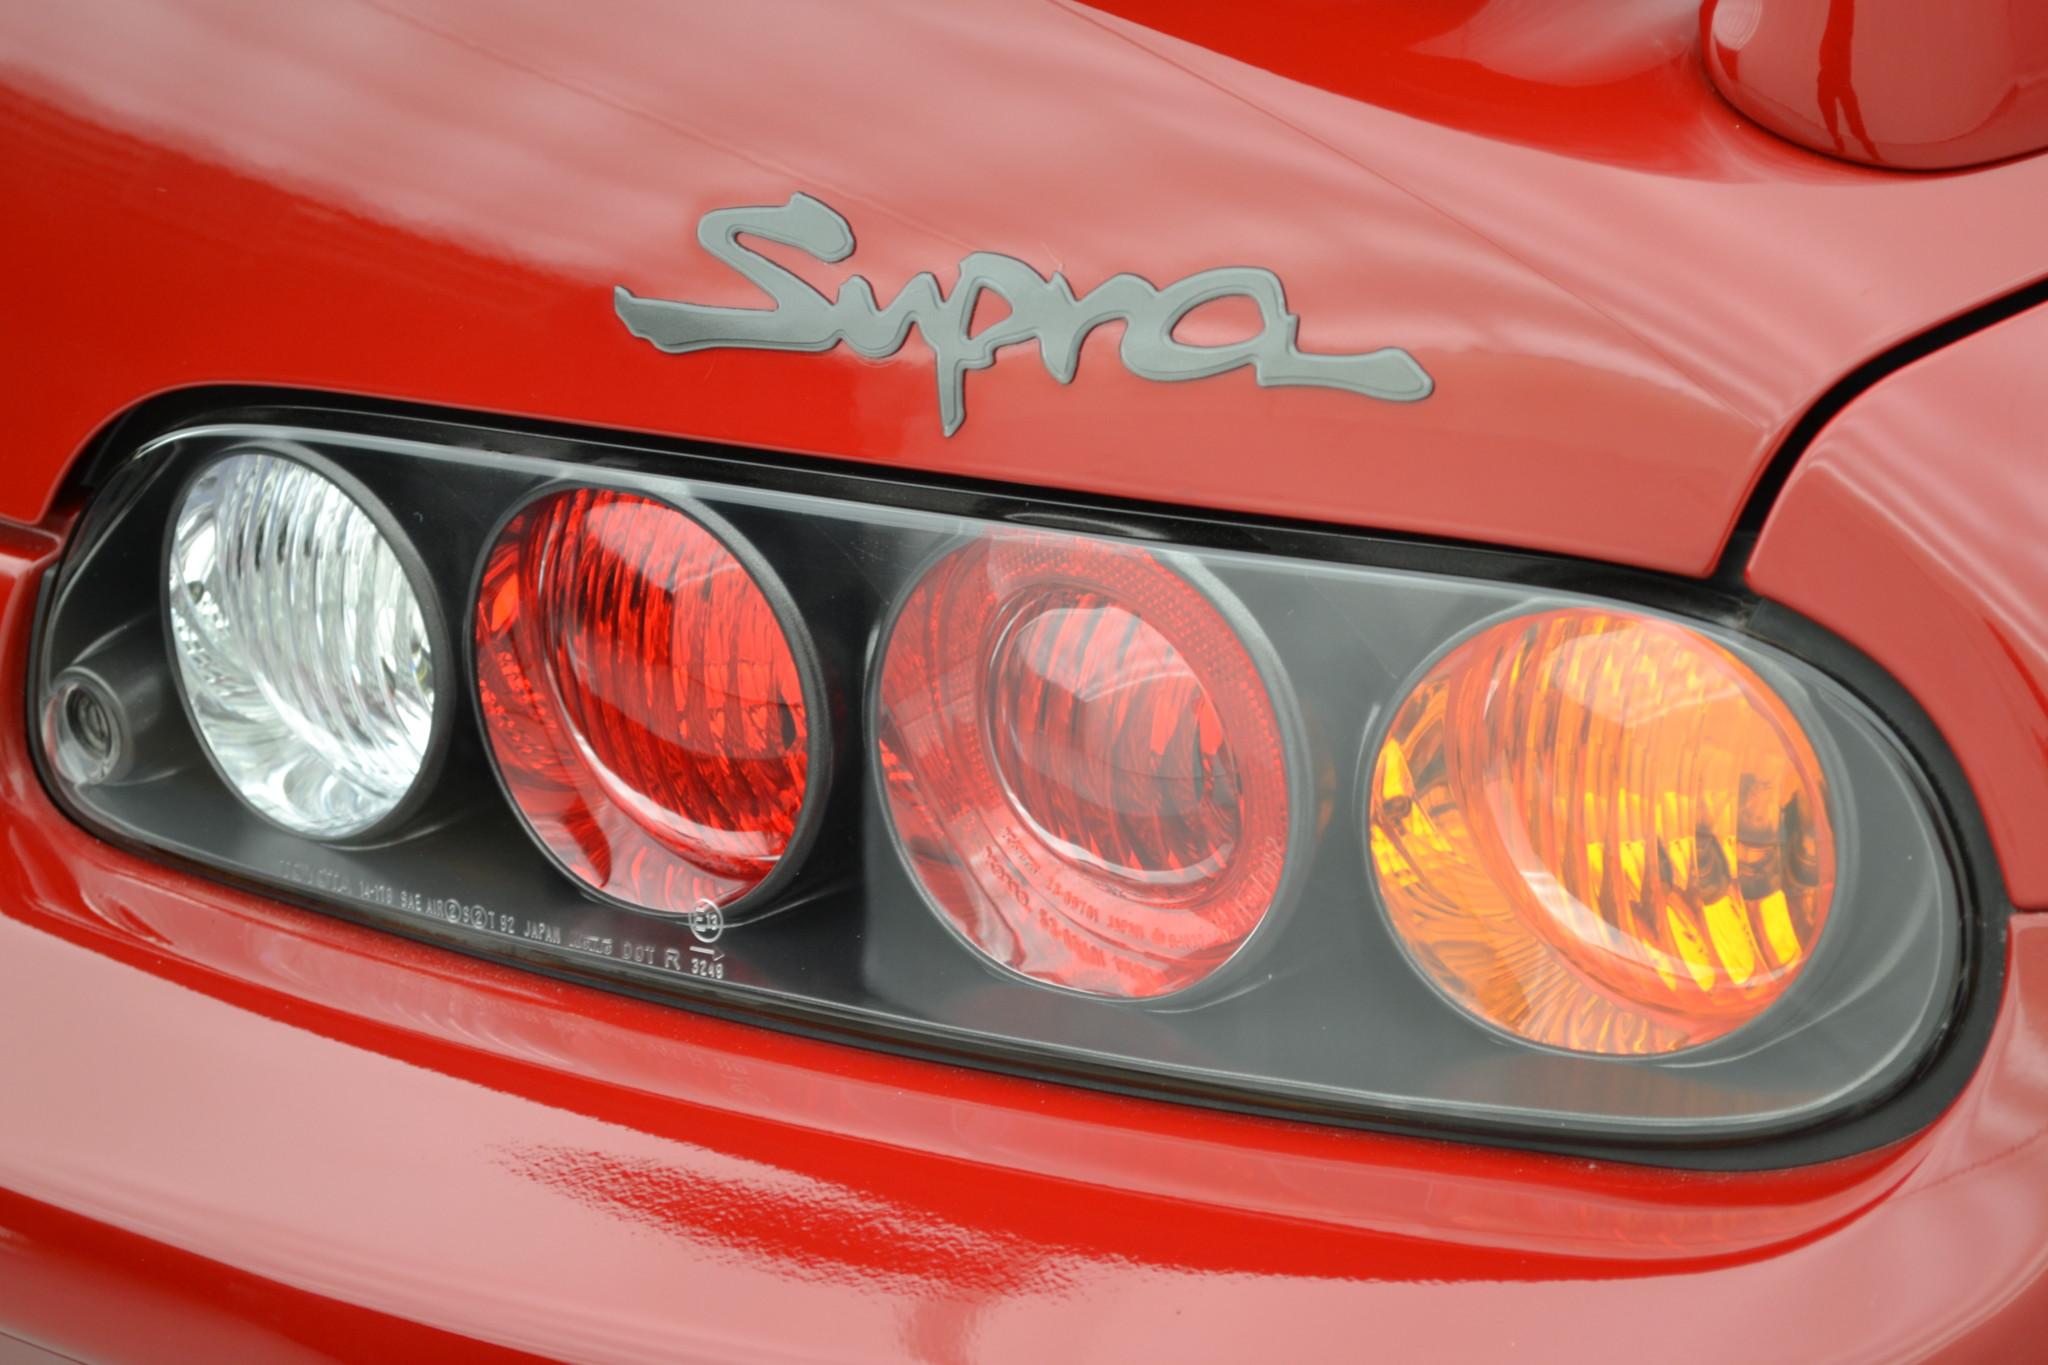 1994 Toyota Supra Twin Turbo badge